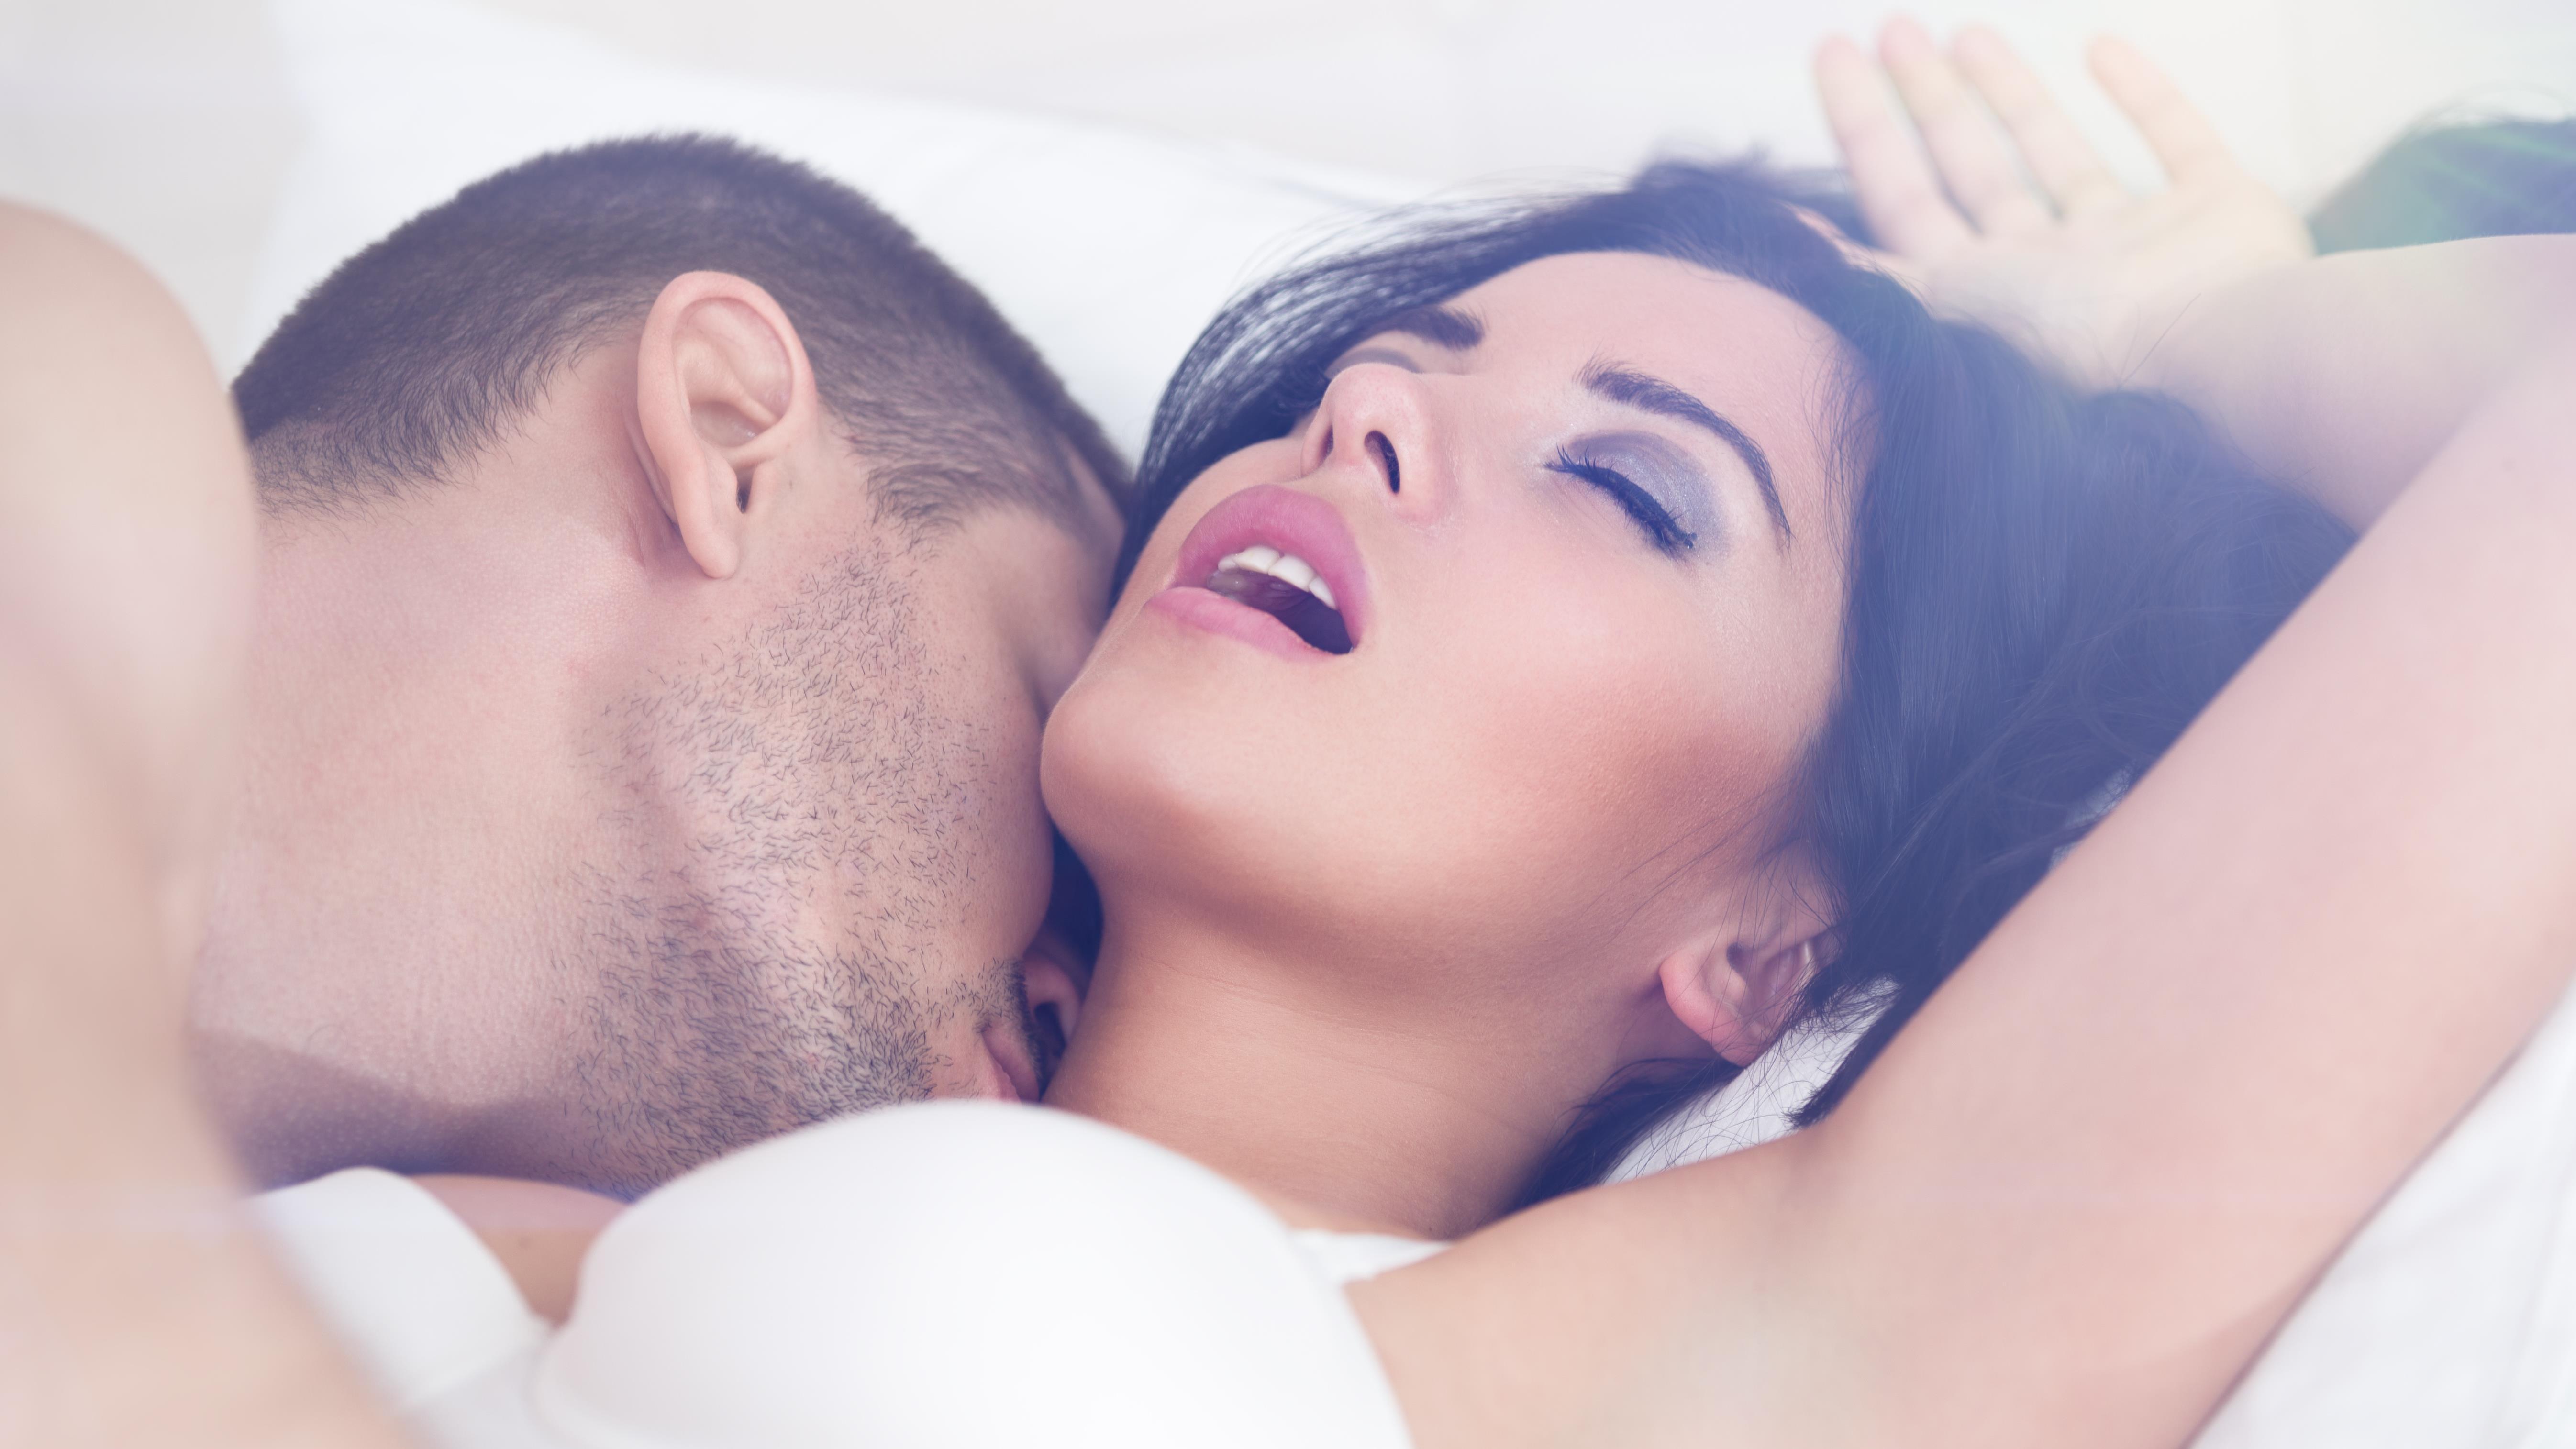 Odurzone gejowskie porno